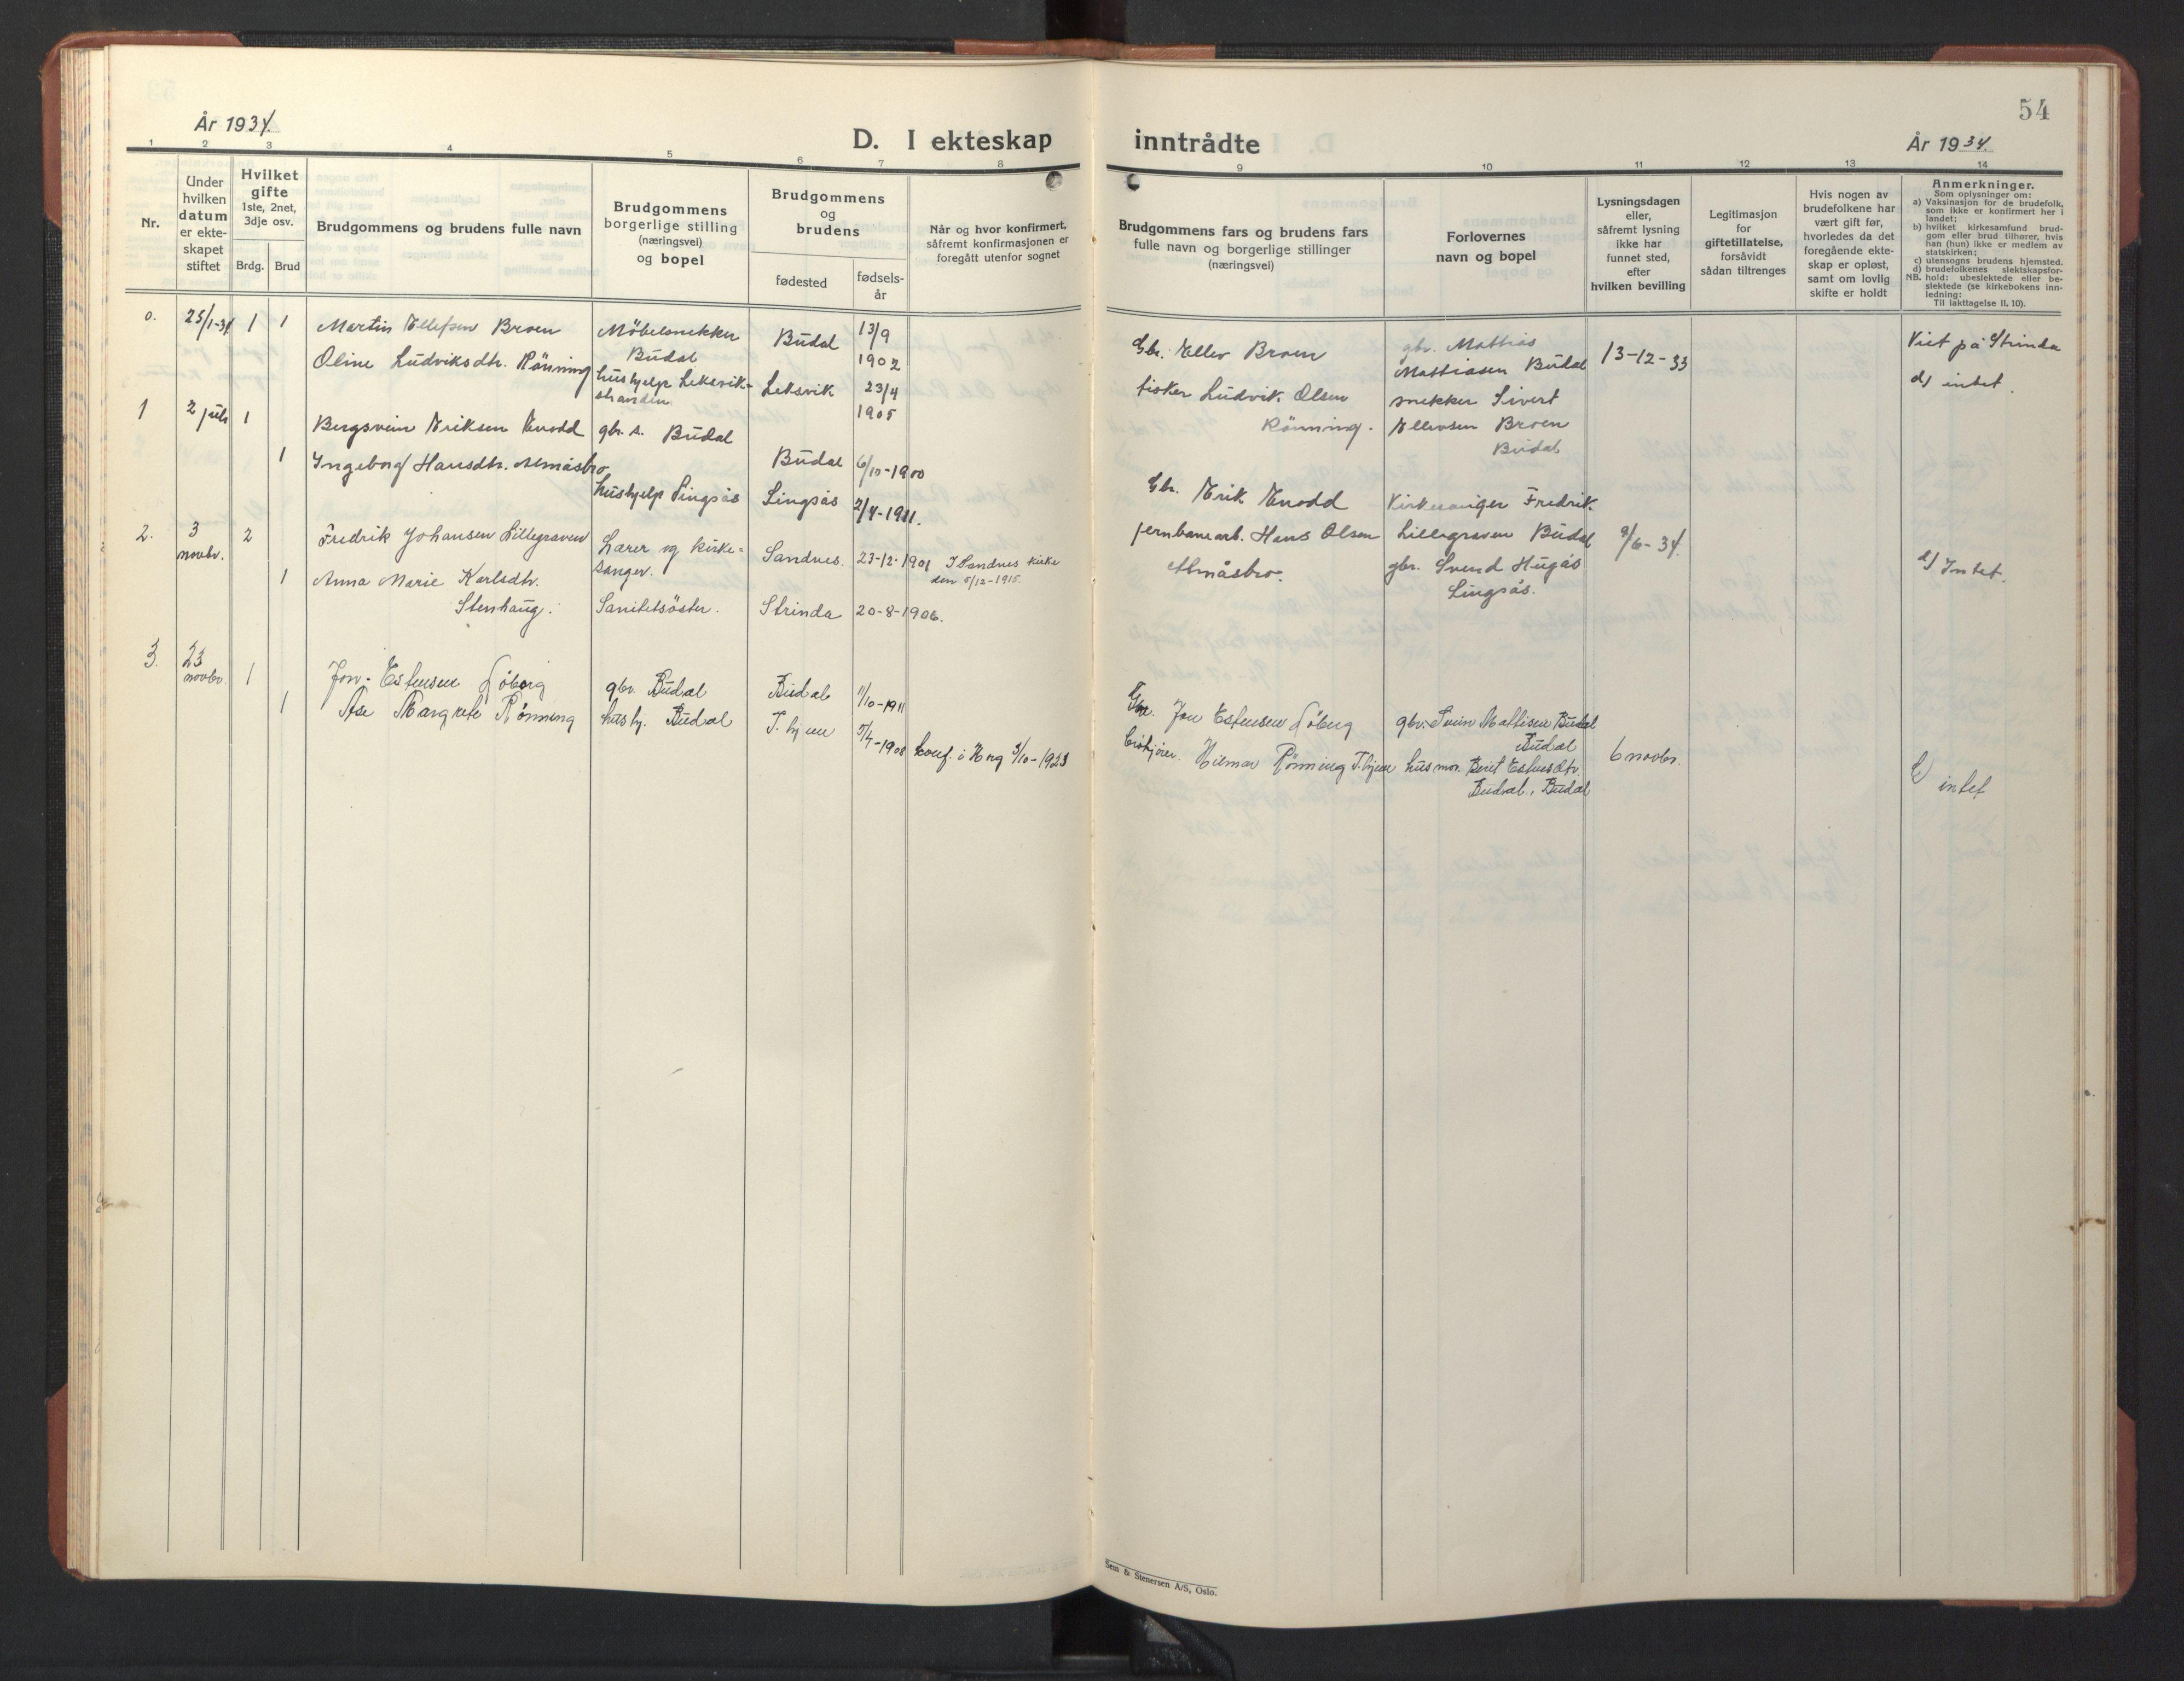 SAT, Ministerialprotokoller, klokkerbøker og fødselsregistre - Sør-Trøndelag, 690/L1053: Klokkerbok nr. 690C03, 1930-1947, s. 54